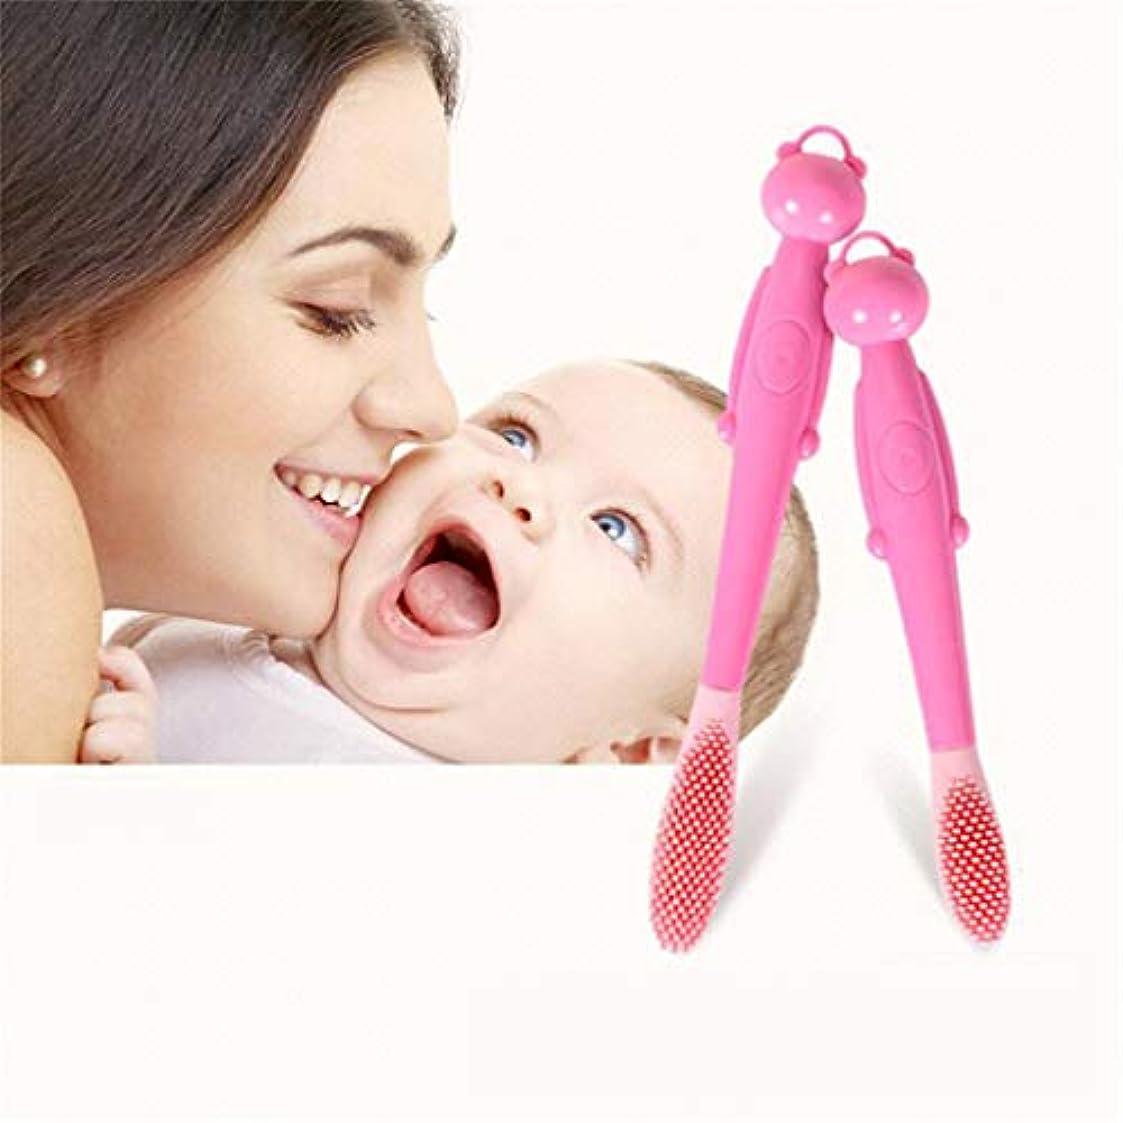 美人等価百科事典JIOLK ベビー幼児シリコーンソフト歯ブラシ ベビー歯ブラシ 0-1-2-3歳 子供用ミルク歯ブラシ